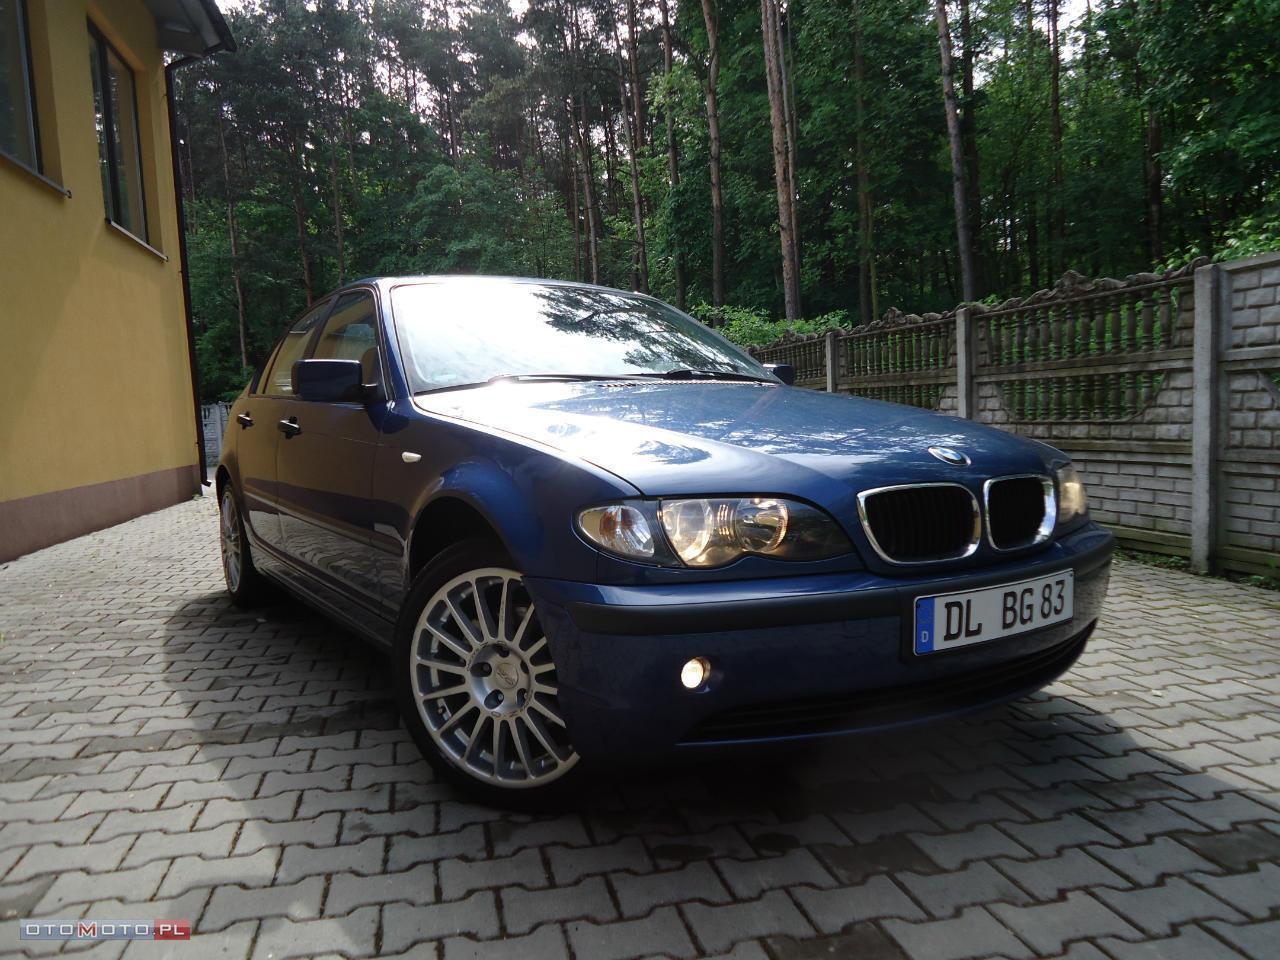 BMW 318 TOTALNA IGŁA! NIEMIEC! SERWIS!